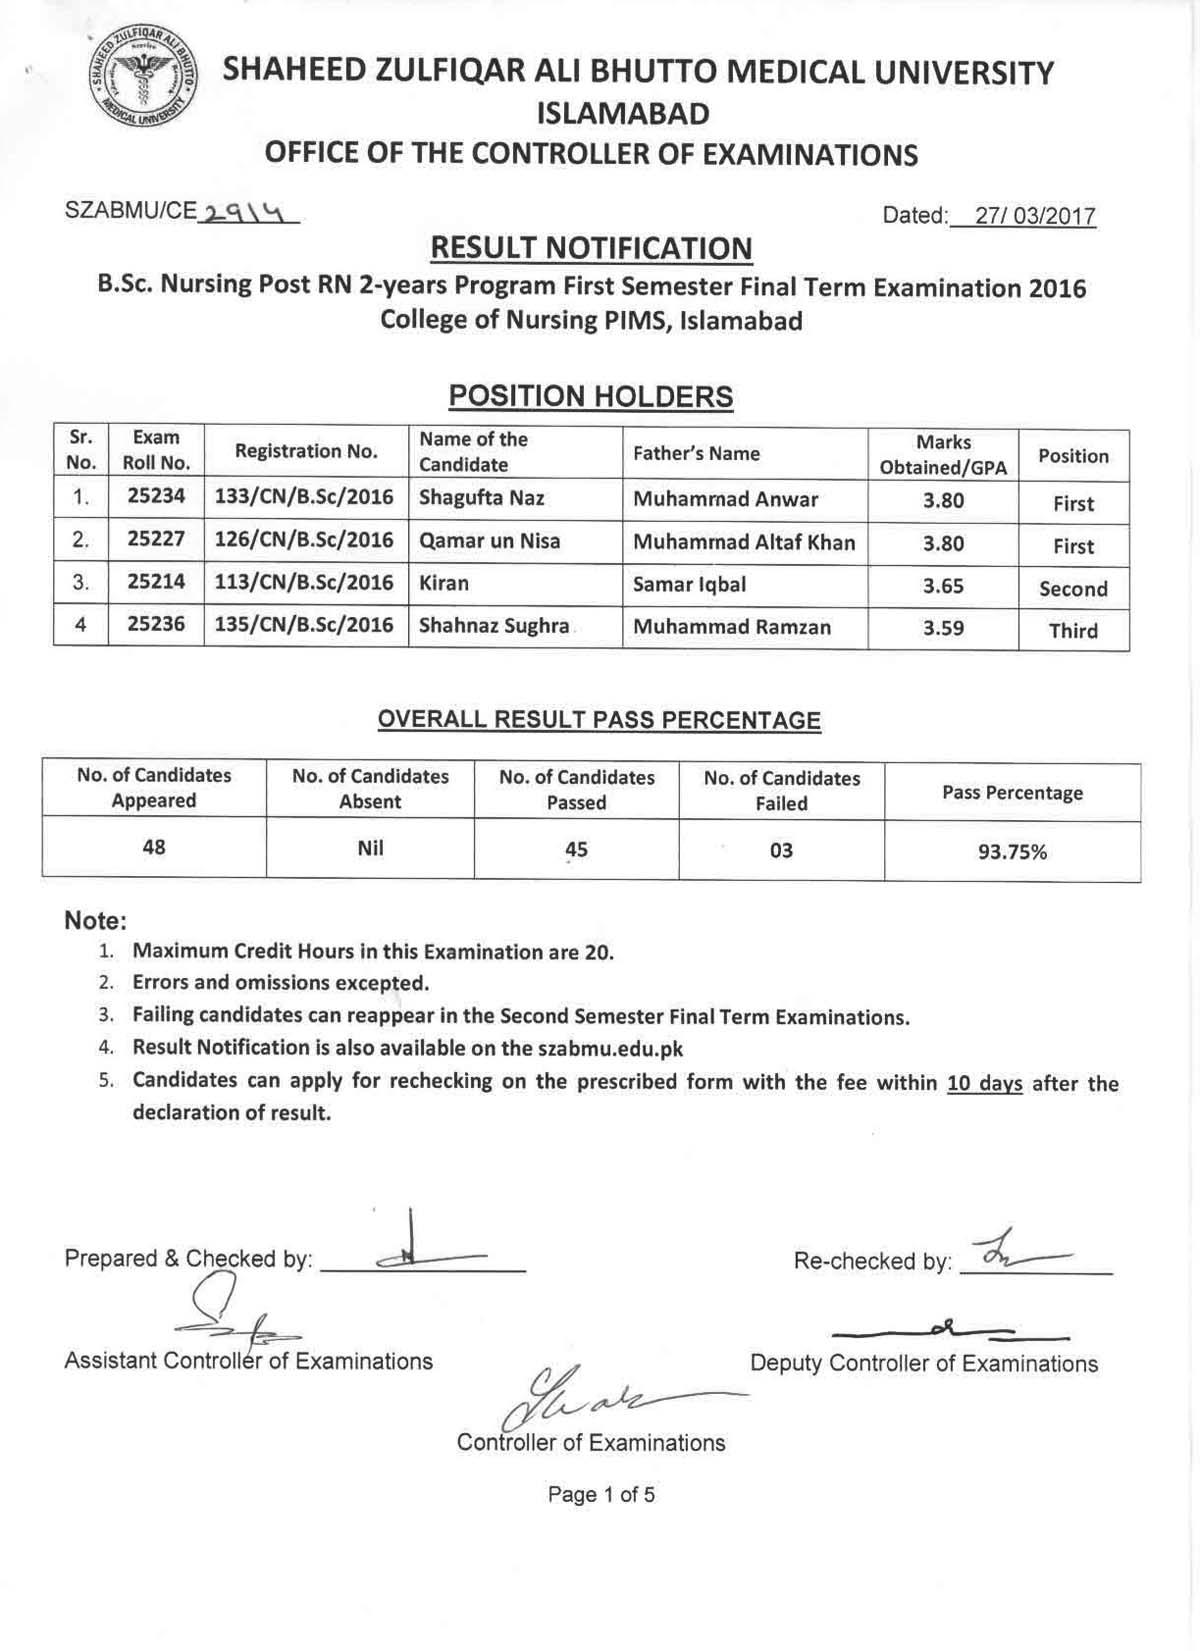 Result Notification - B.Sc. Nursing Post RN 1st Semester Final Exams 2016